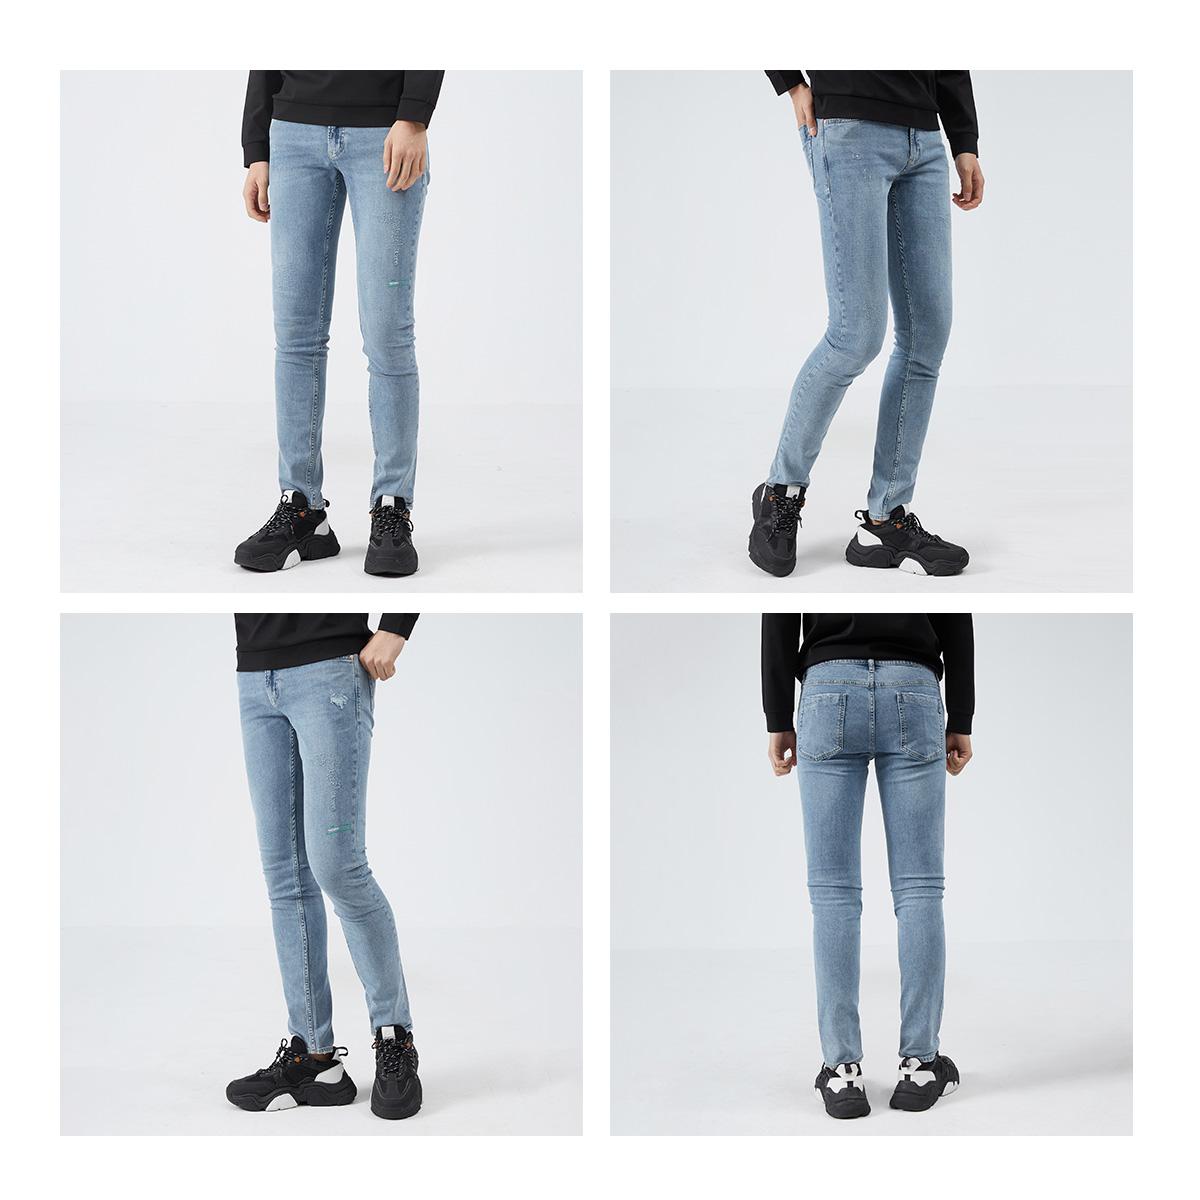 利郎官方男潮裤子低腰做旧牛仔裤质量怎么样